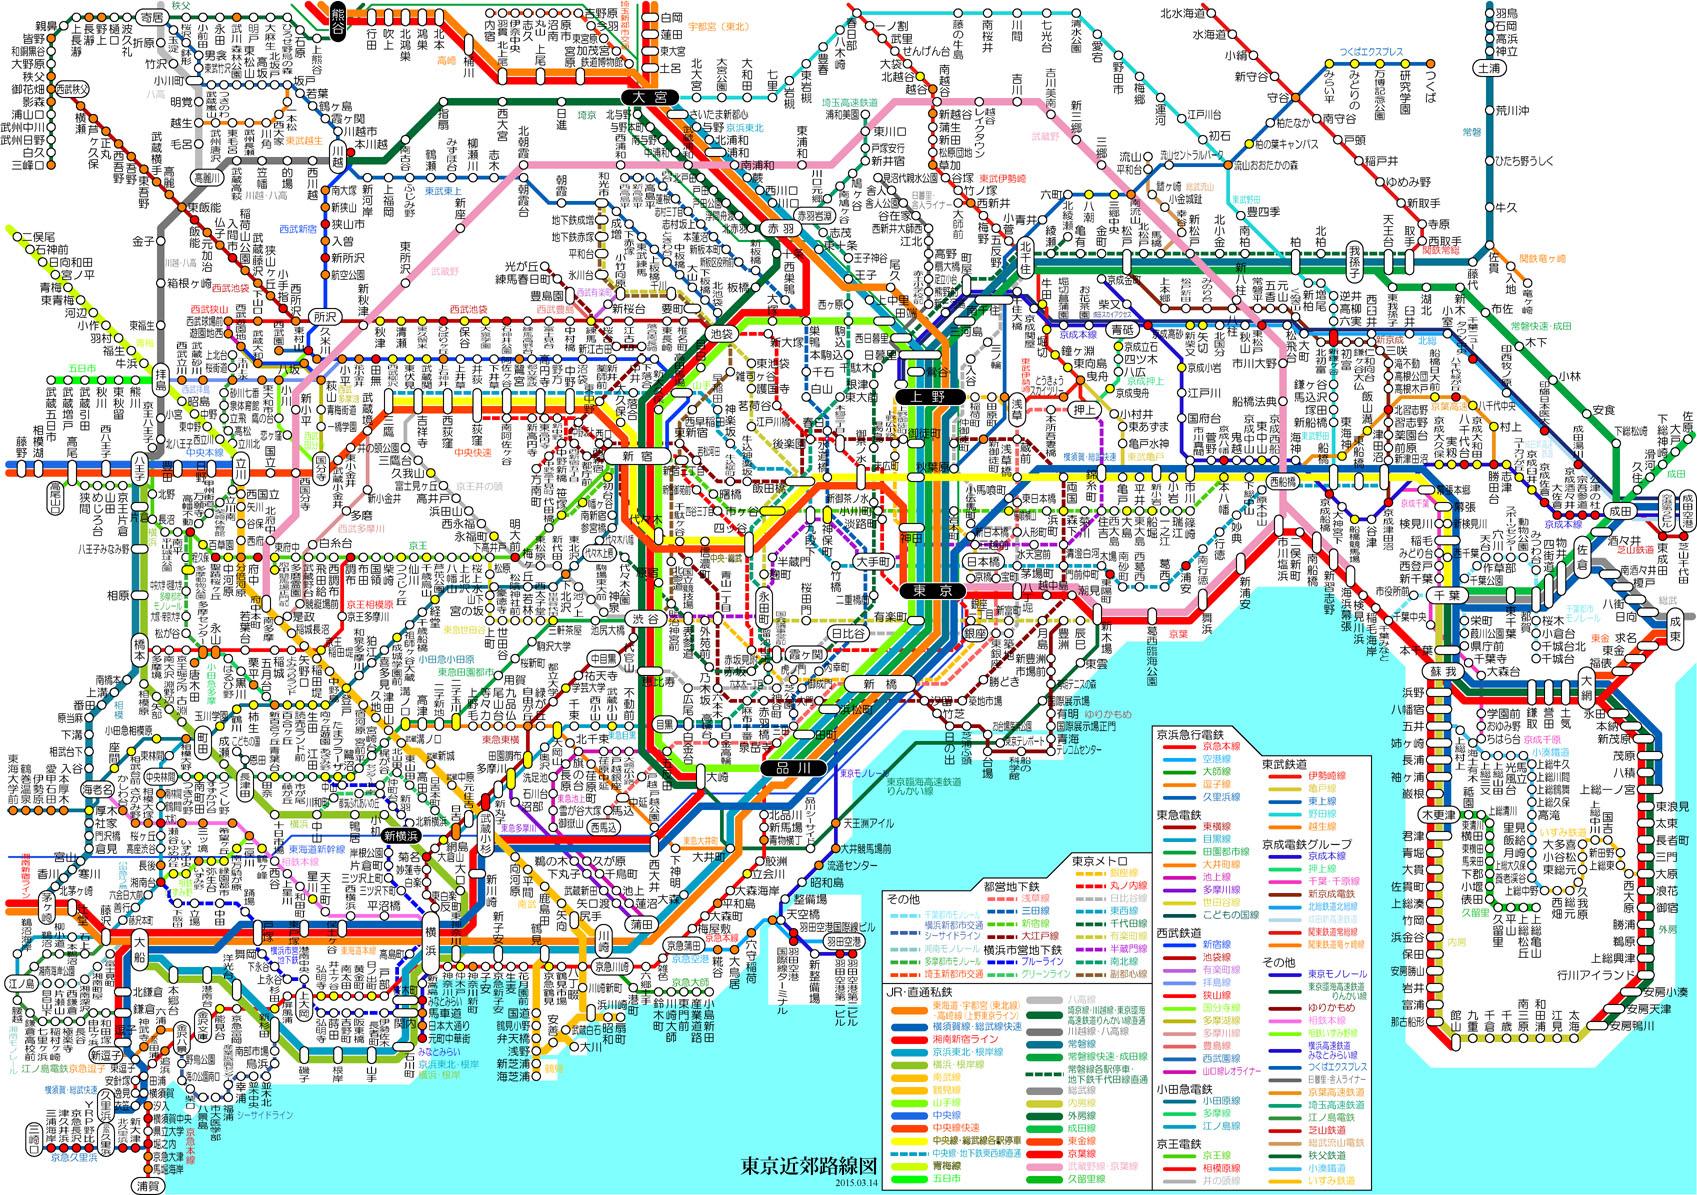 関東の私鉄、JR線と地下鉄が全部が1枚に載ってる路線図があるサイトはありま... - Yahoo!知恵袋